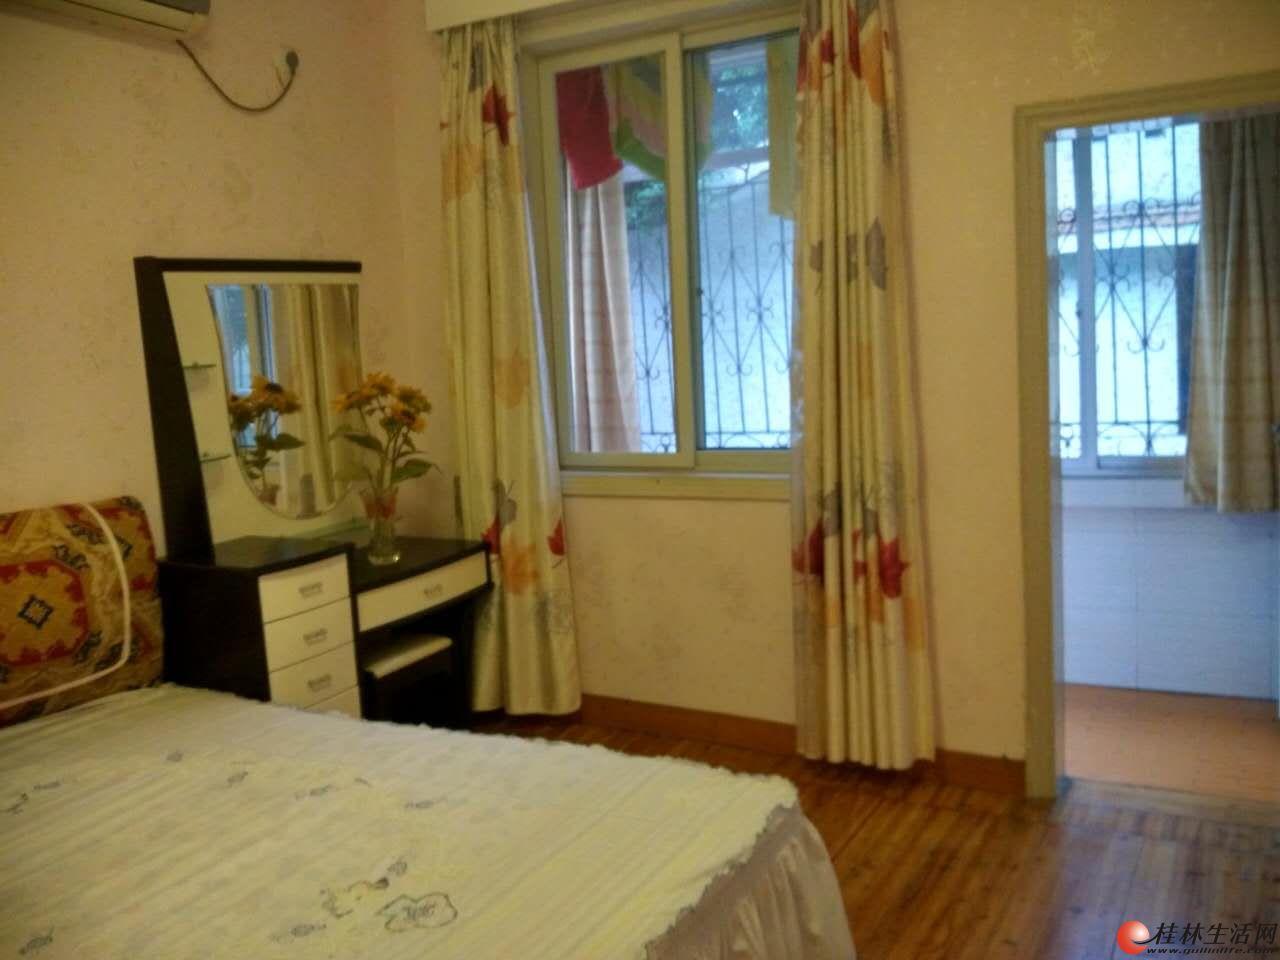 古南门宿舍2房2楼精致装修 有物业 有院子安全安静